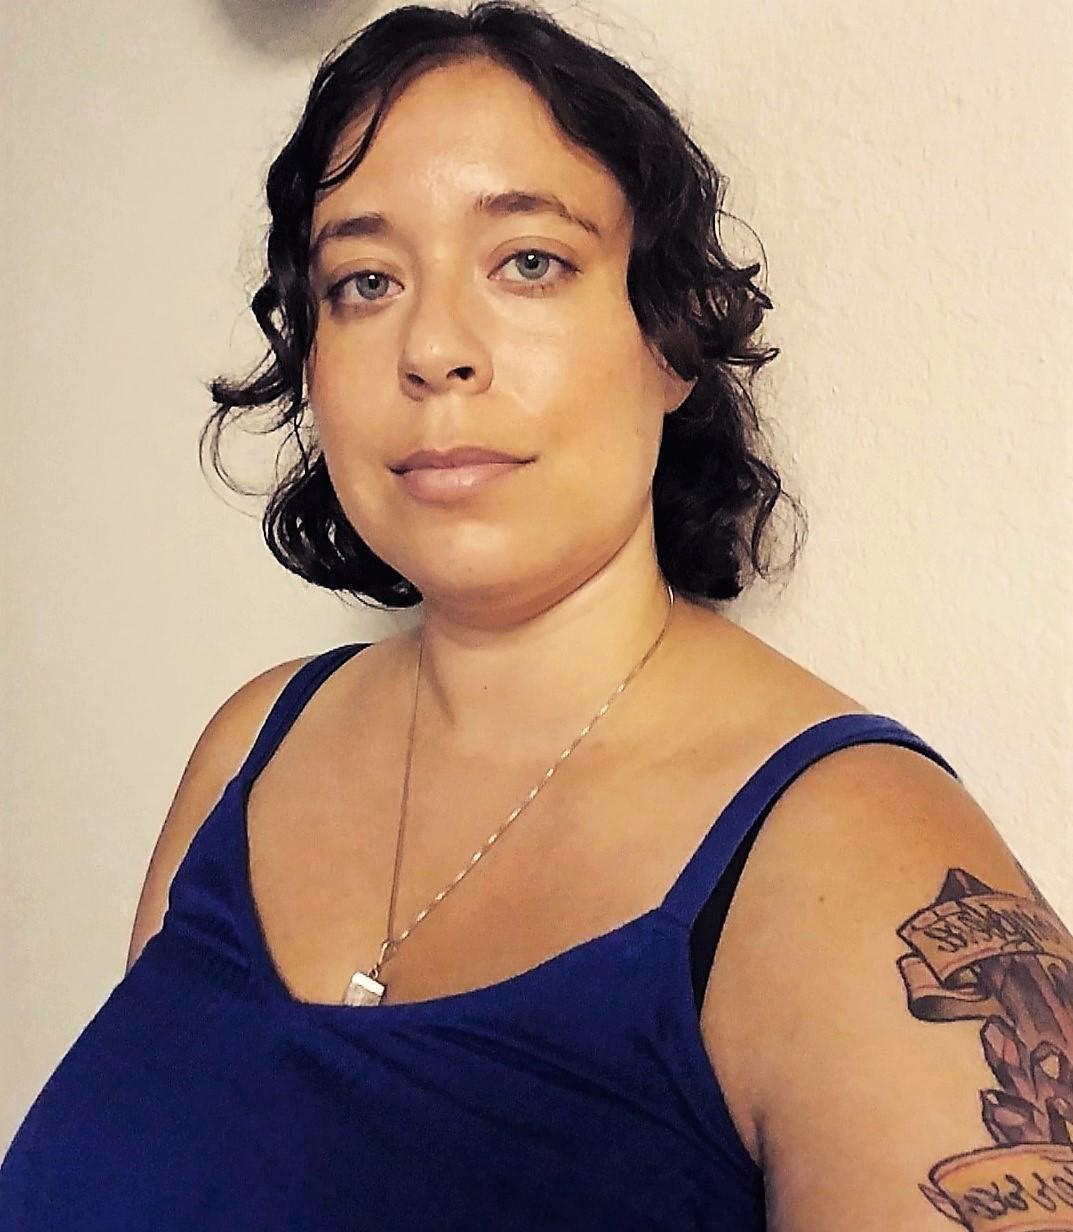 Leticia Urieta